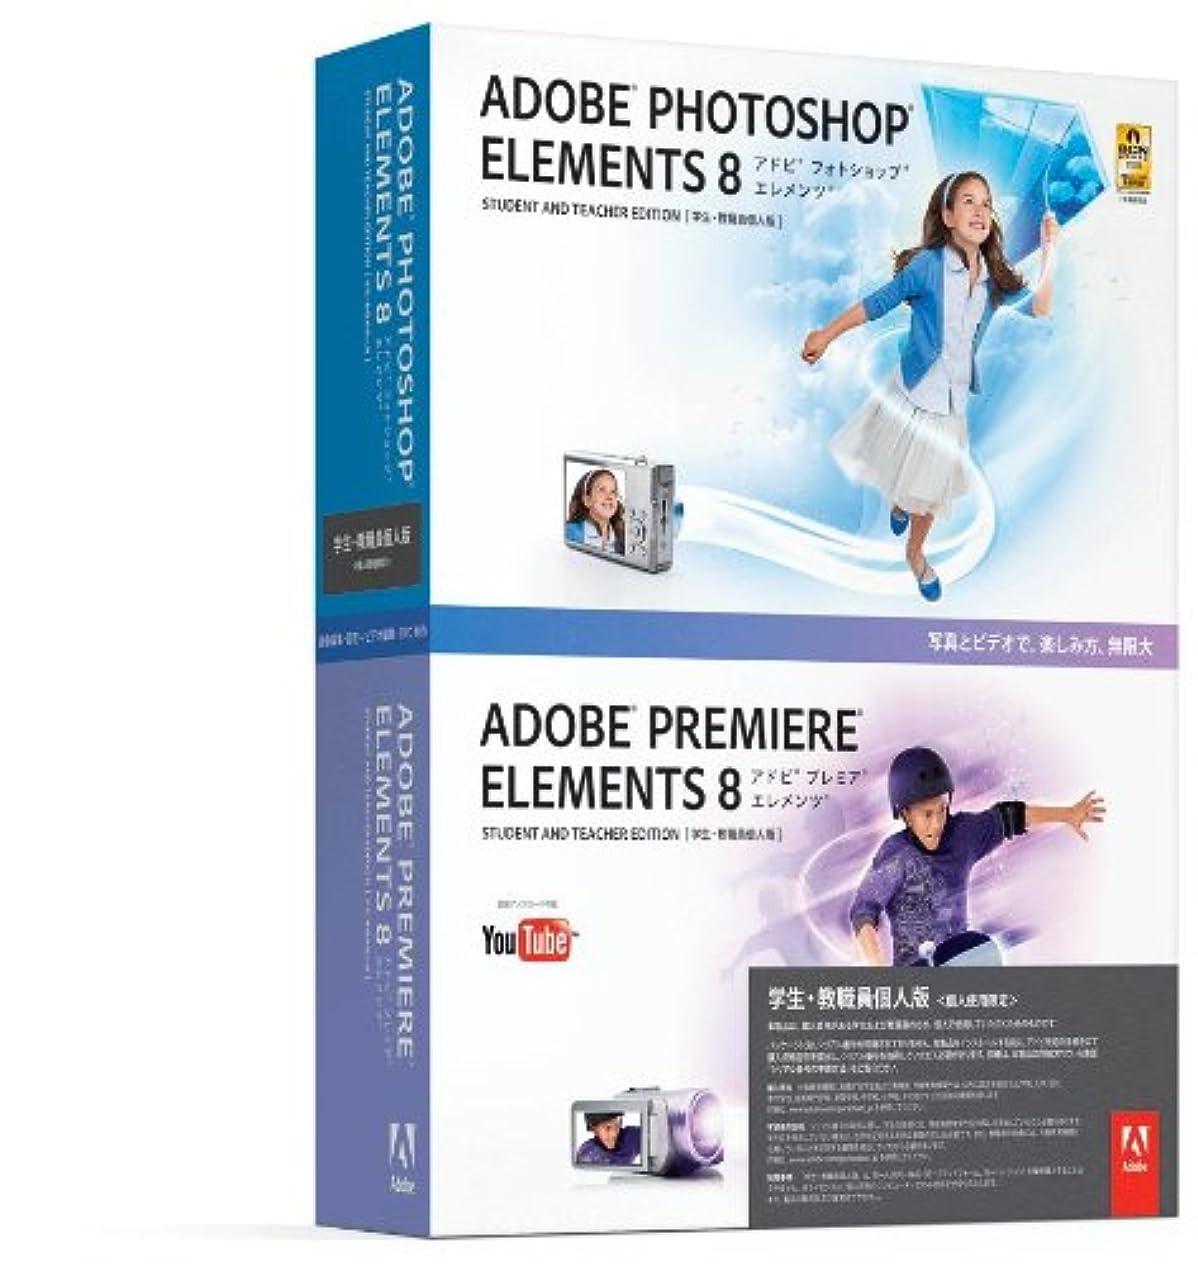 マカダム確認するクール学生?教職員個人版 Adobe Photoshop Elements 8 & Adobe Premiere Elements 8 日本語版 (要シリアル番号申請)